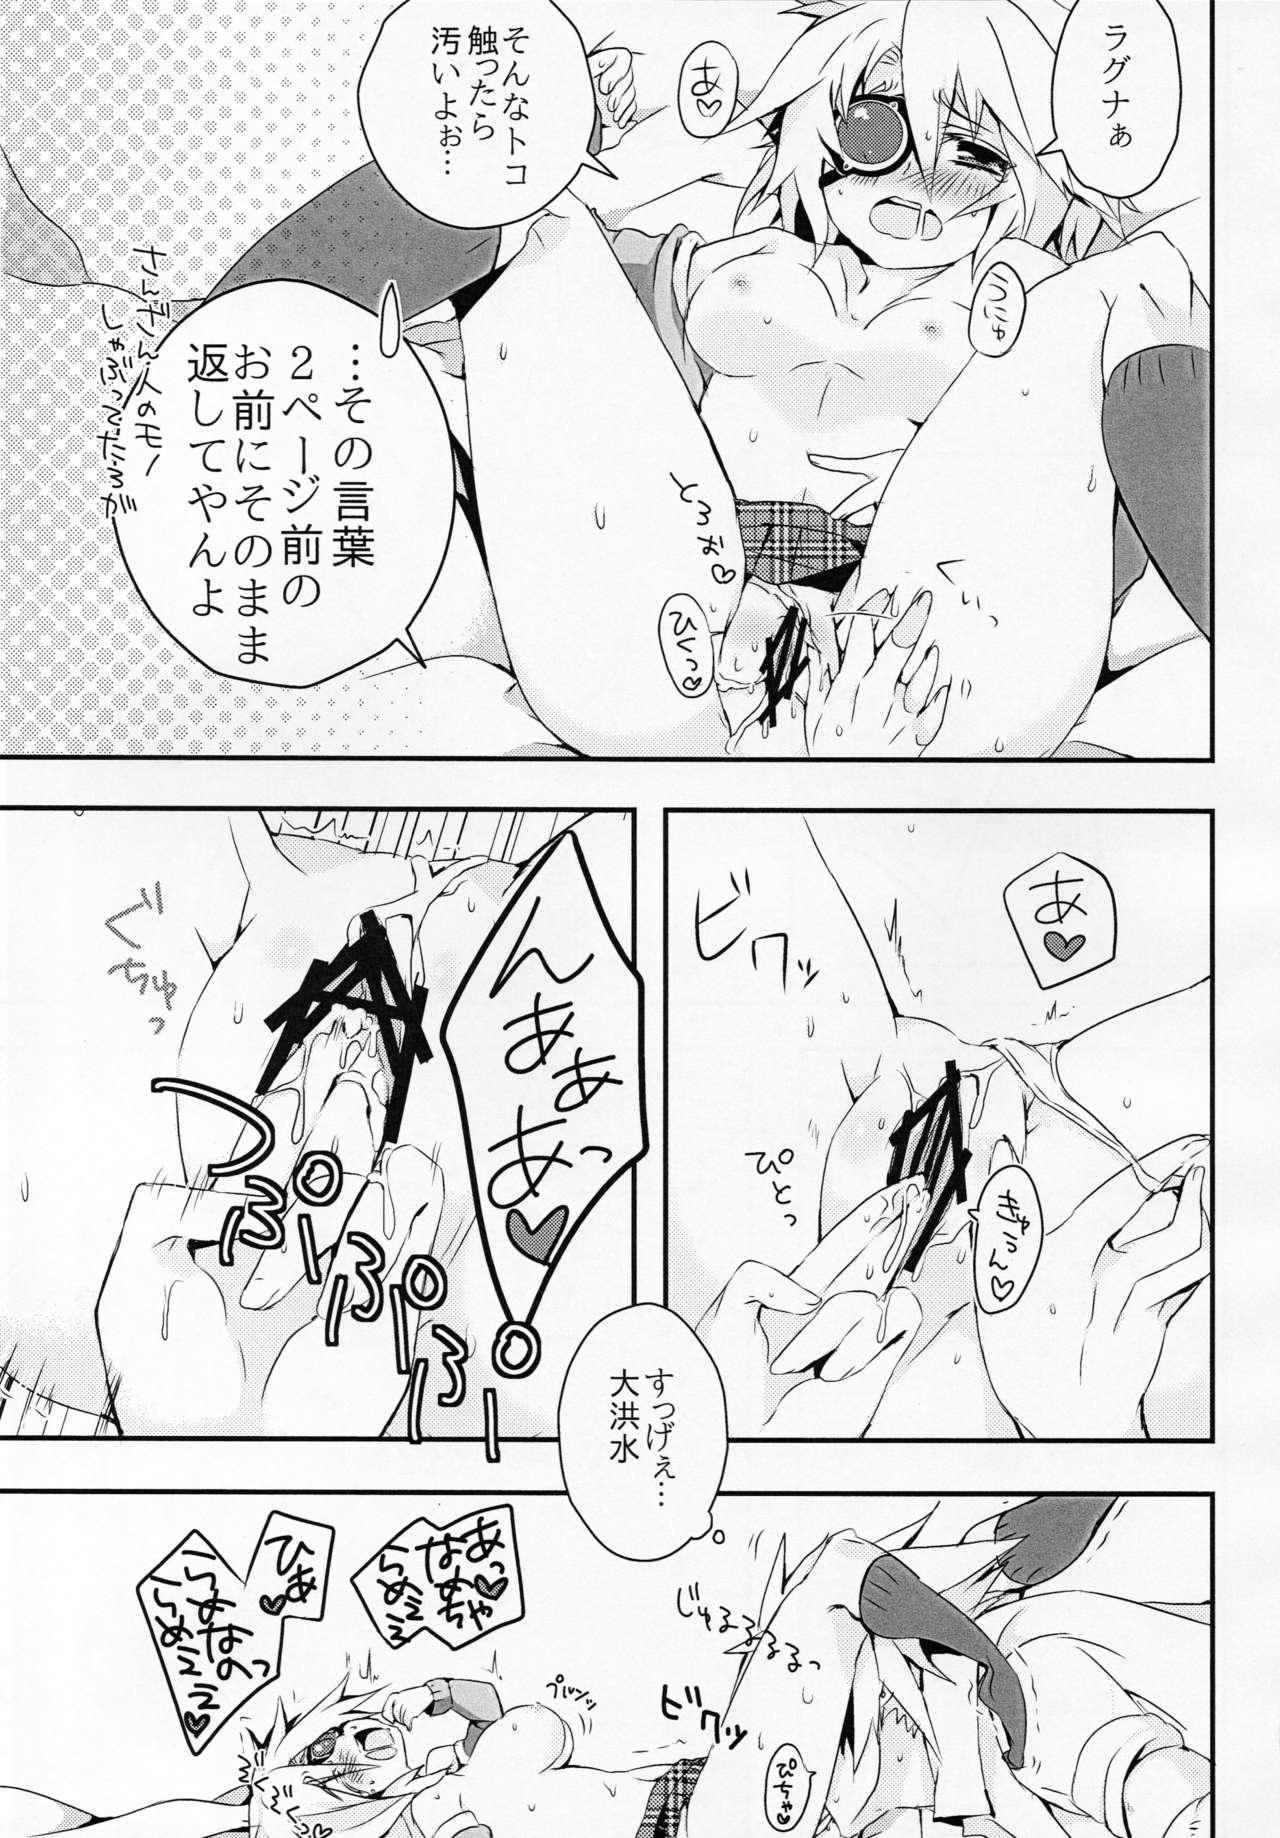 Ningyou no Miru Yume wa 25